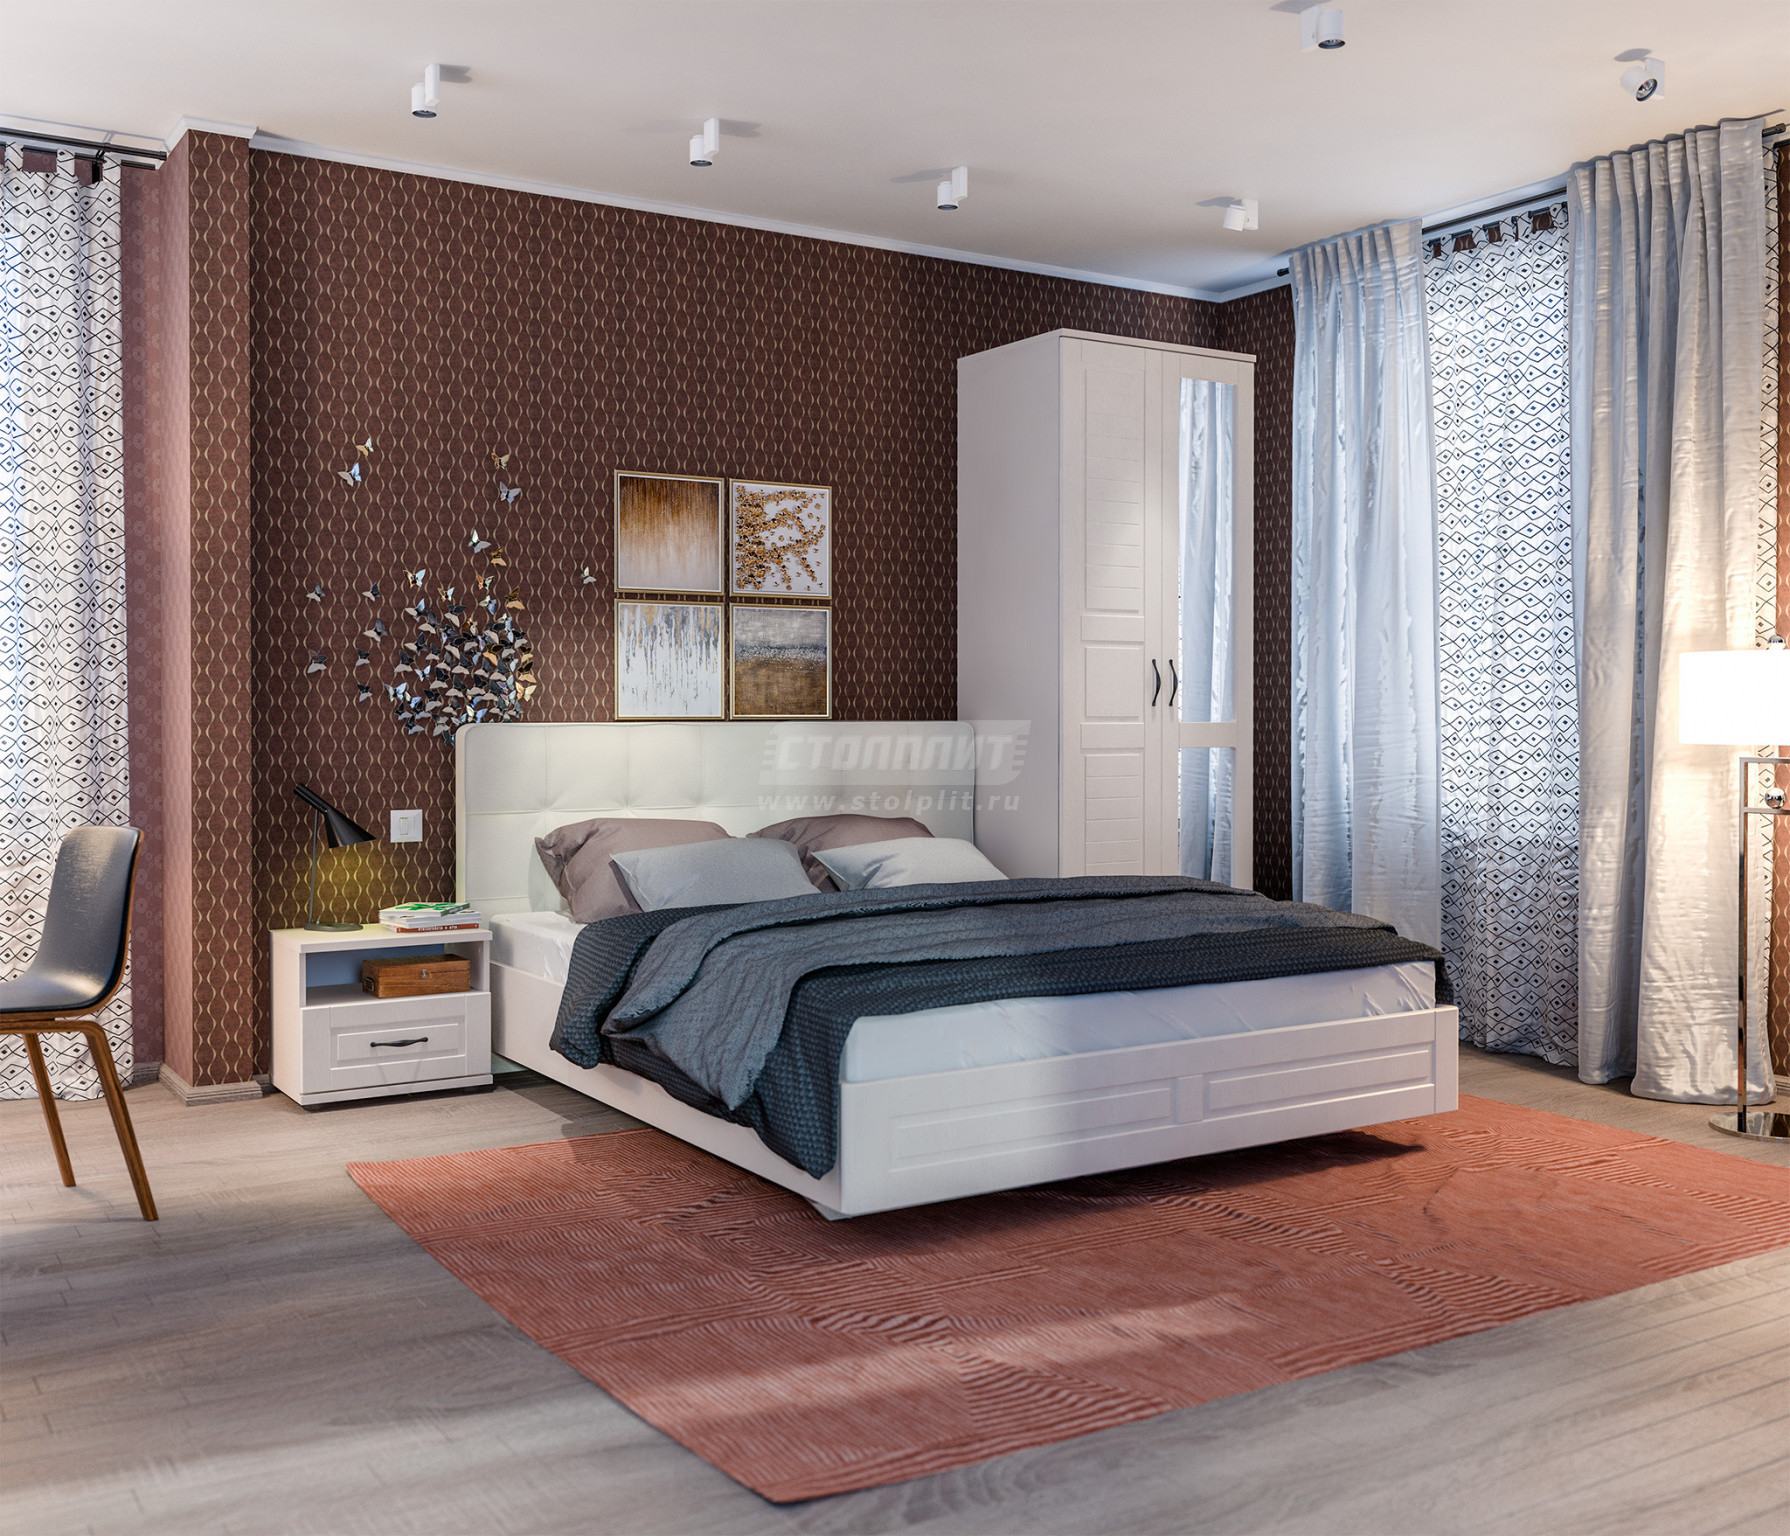 Спальня Столплит Сити 129-462-938-4026 бежевый песок/кофе